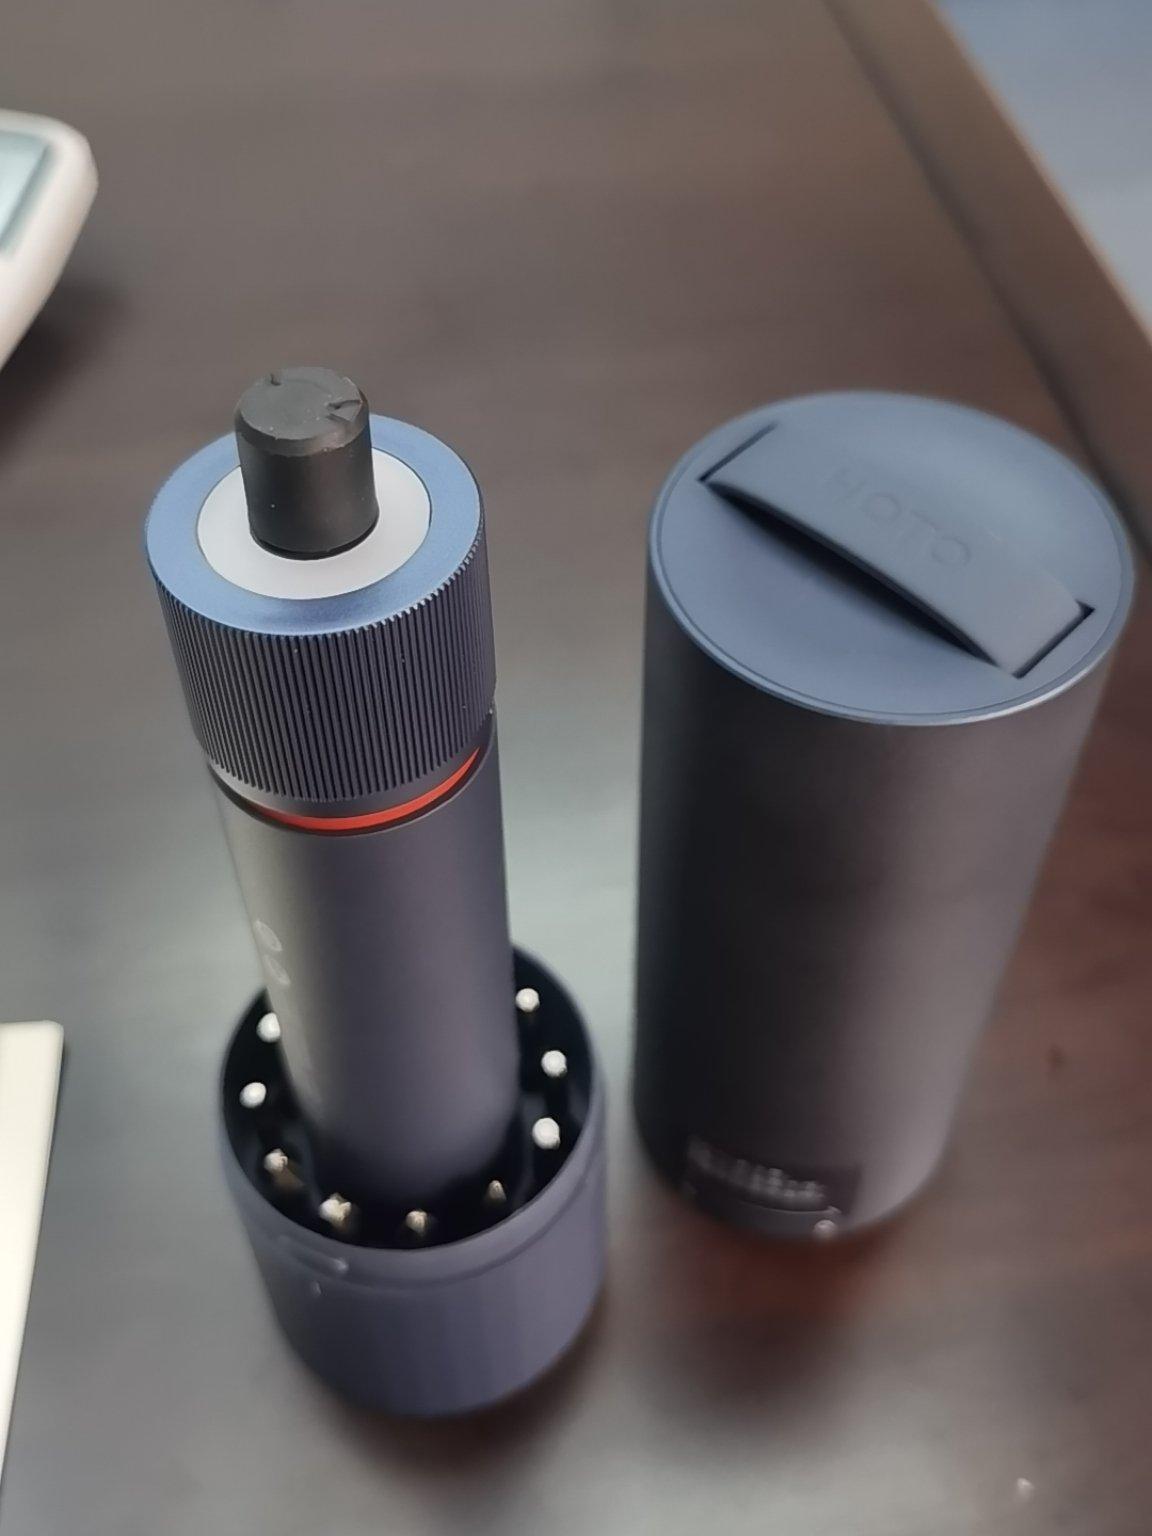 京造HOTO电动螺丝刀,小巧高颜值工具